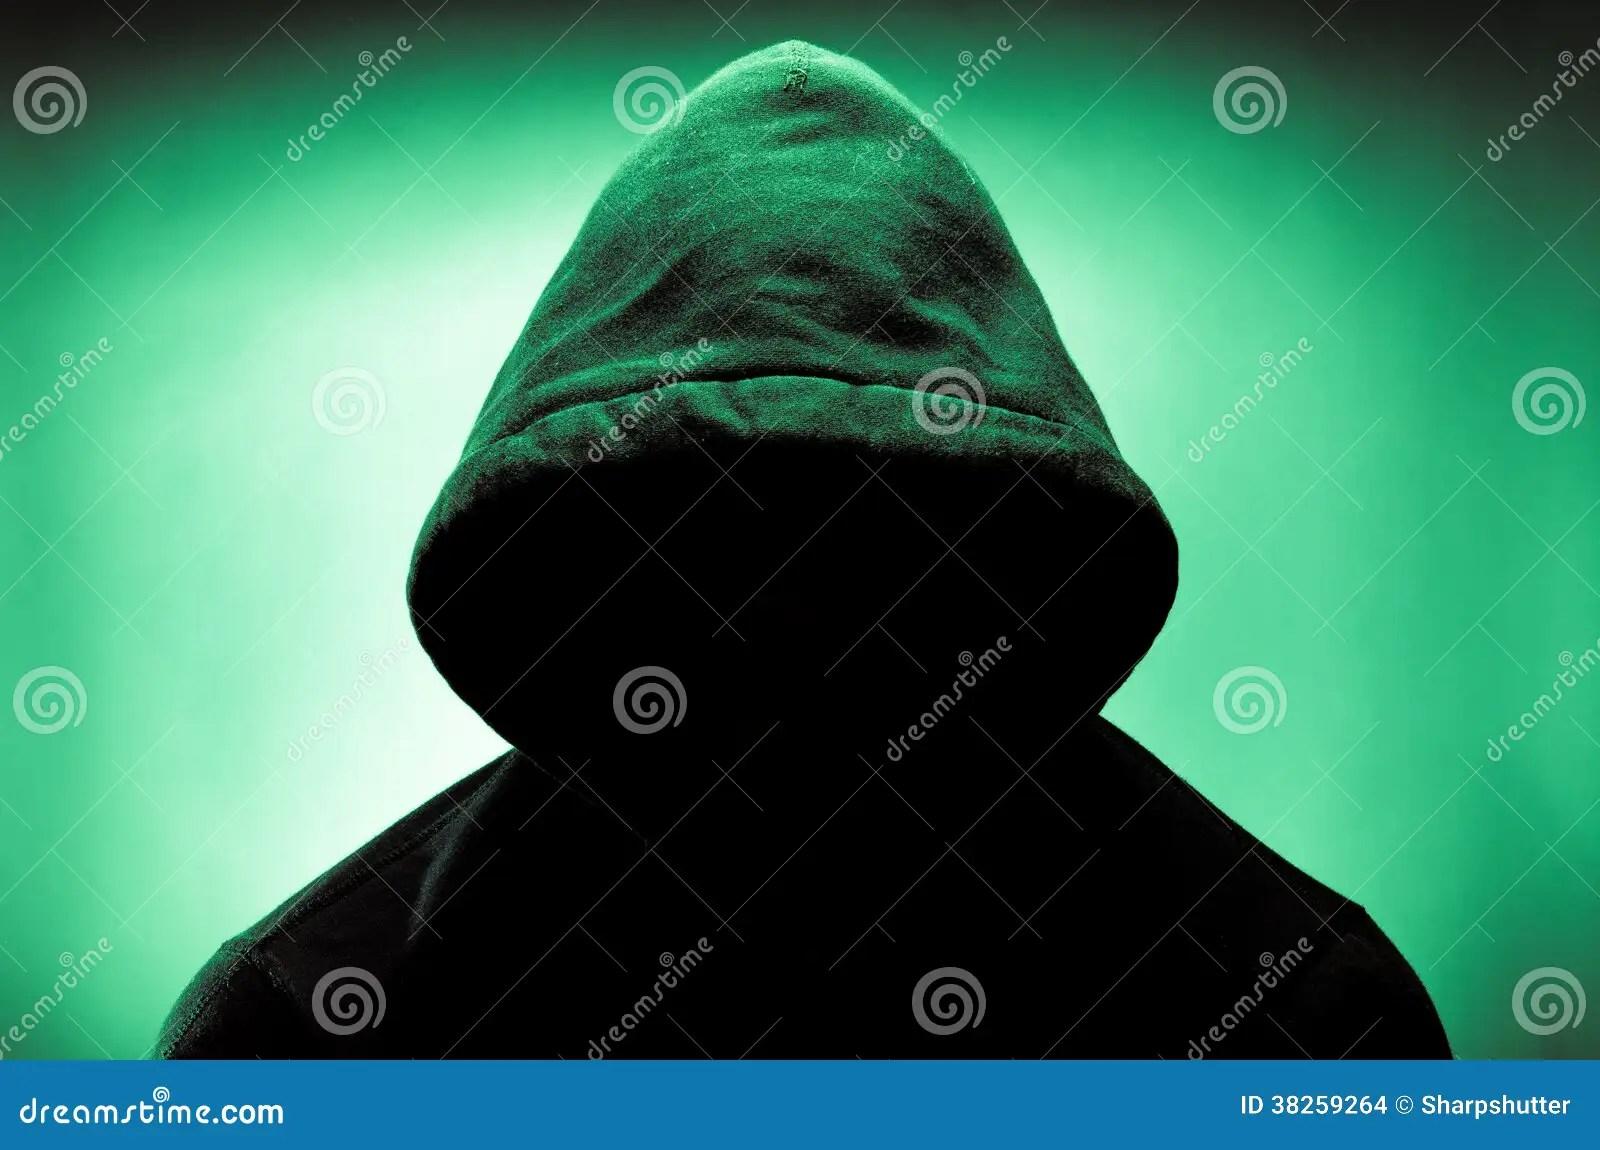 Hacker 3d Wallpaper Mit Kapuze Mann Mit Gesicht Im Schatten Stockfoto Bild